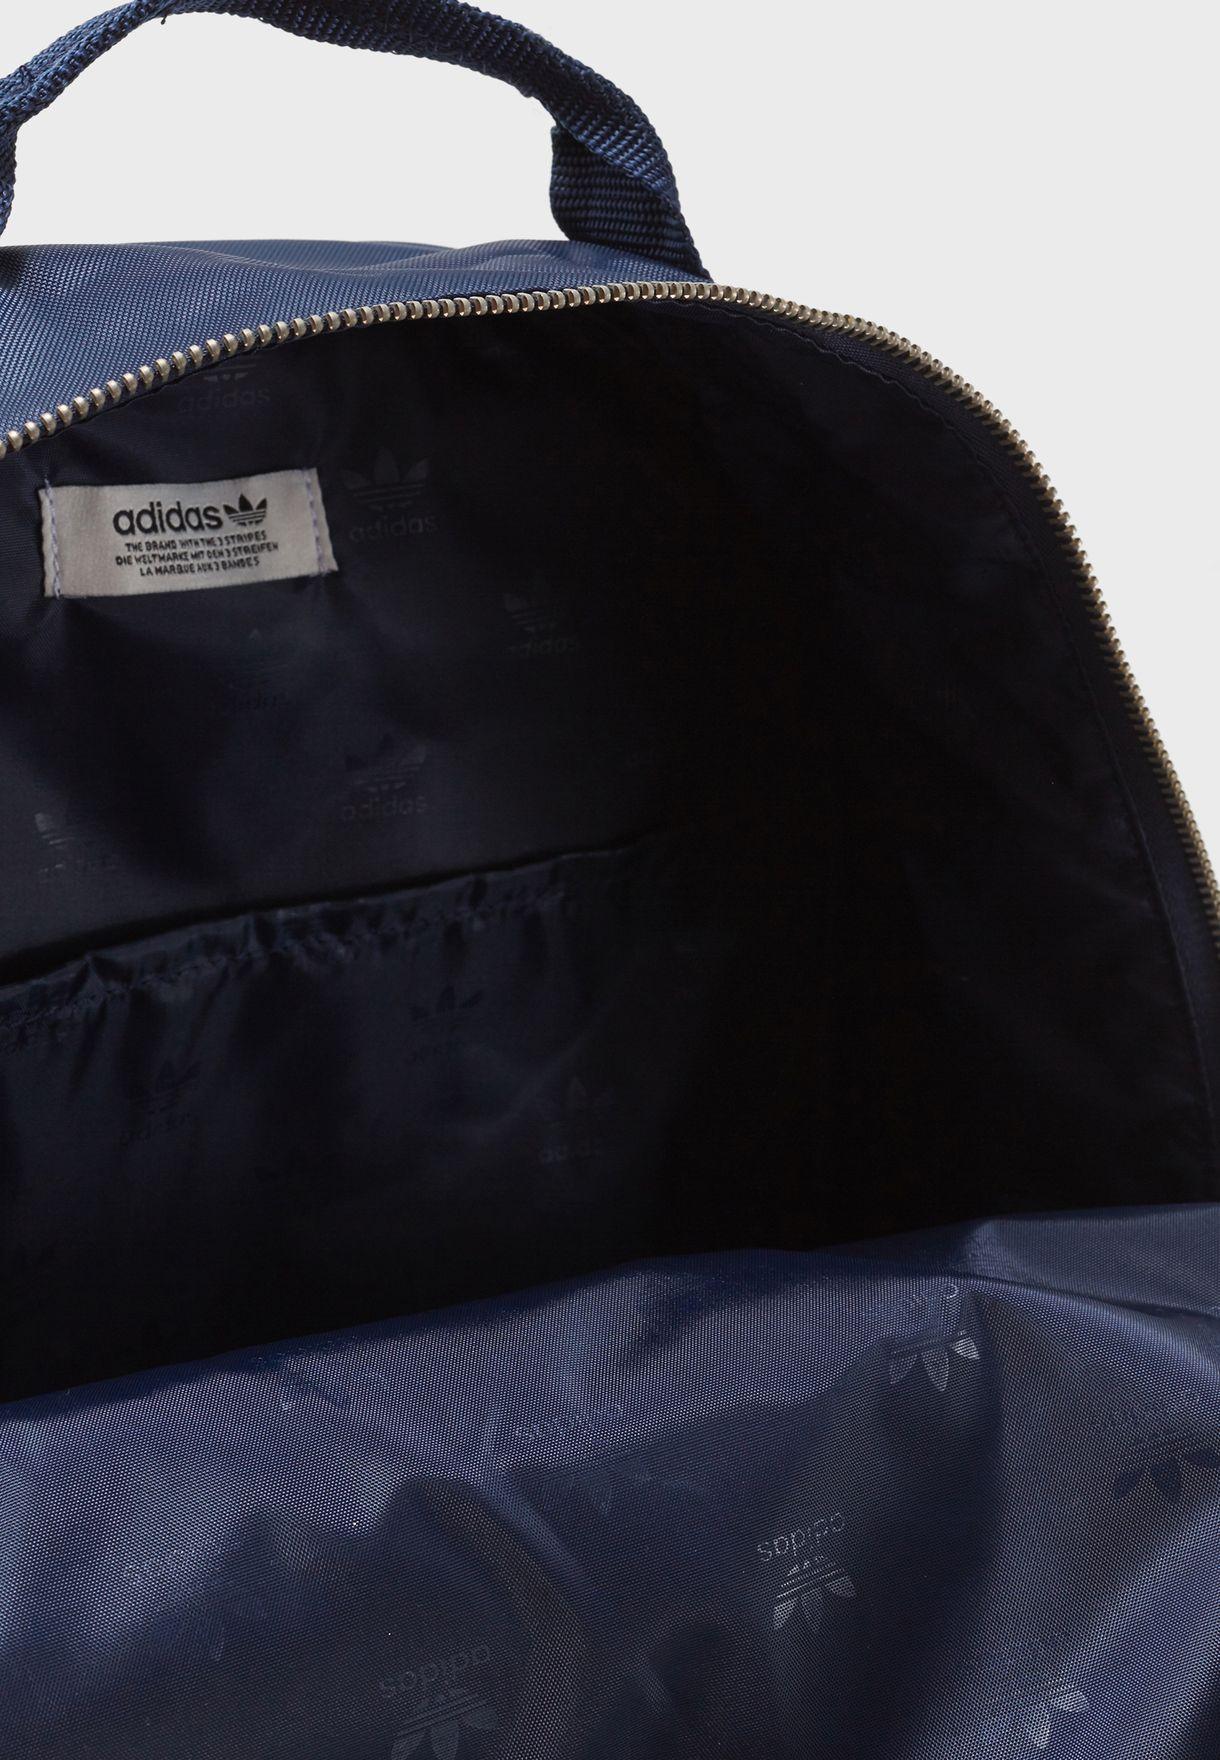 c49a6fca547e Shop adidas Originals navy adicolor Classic Backpack CW0633 for ...